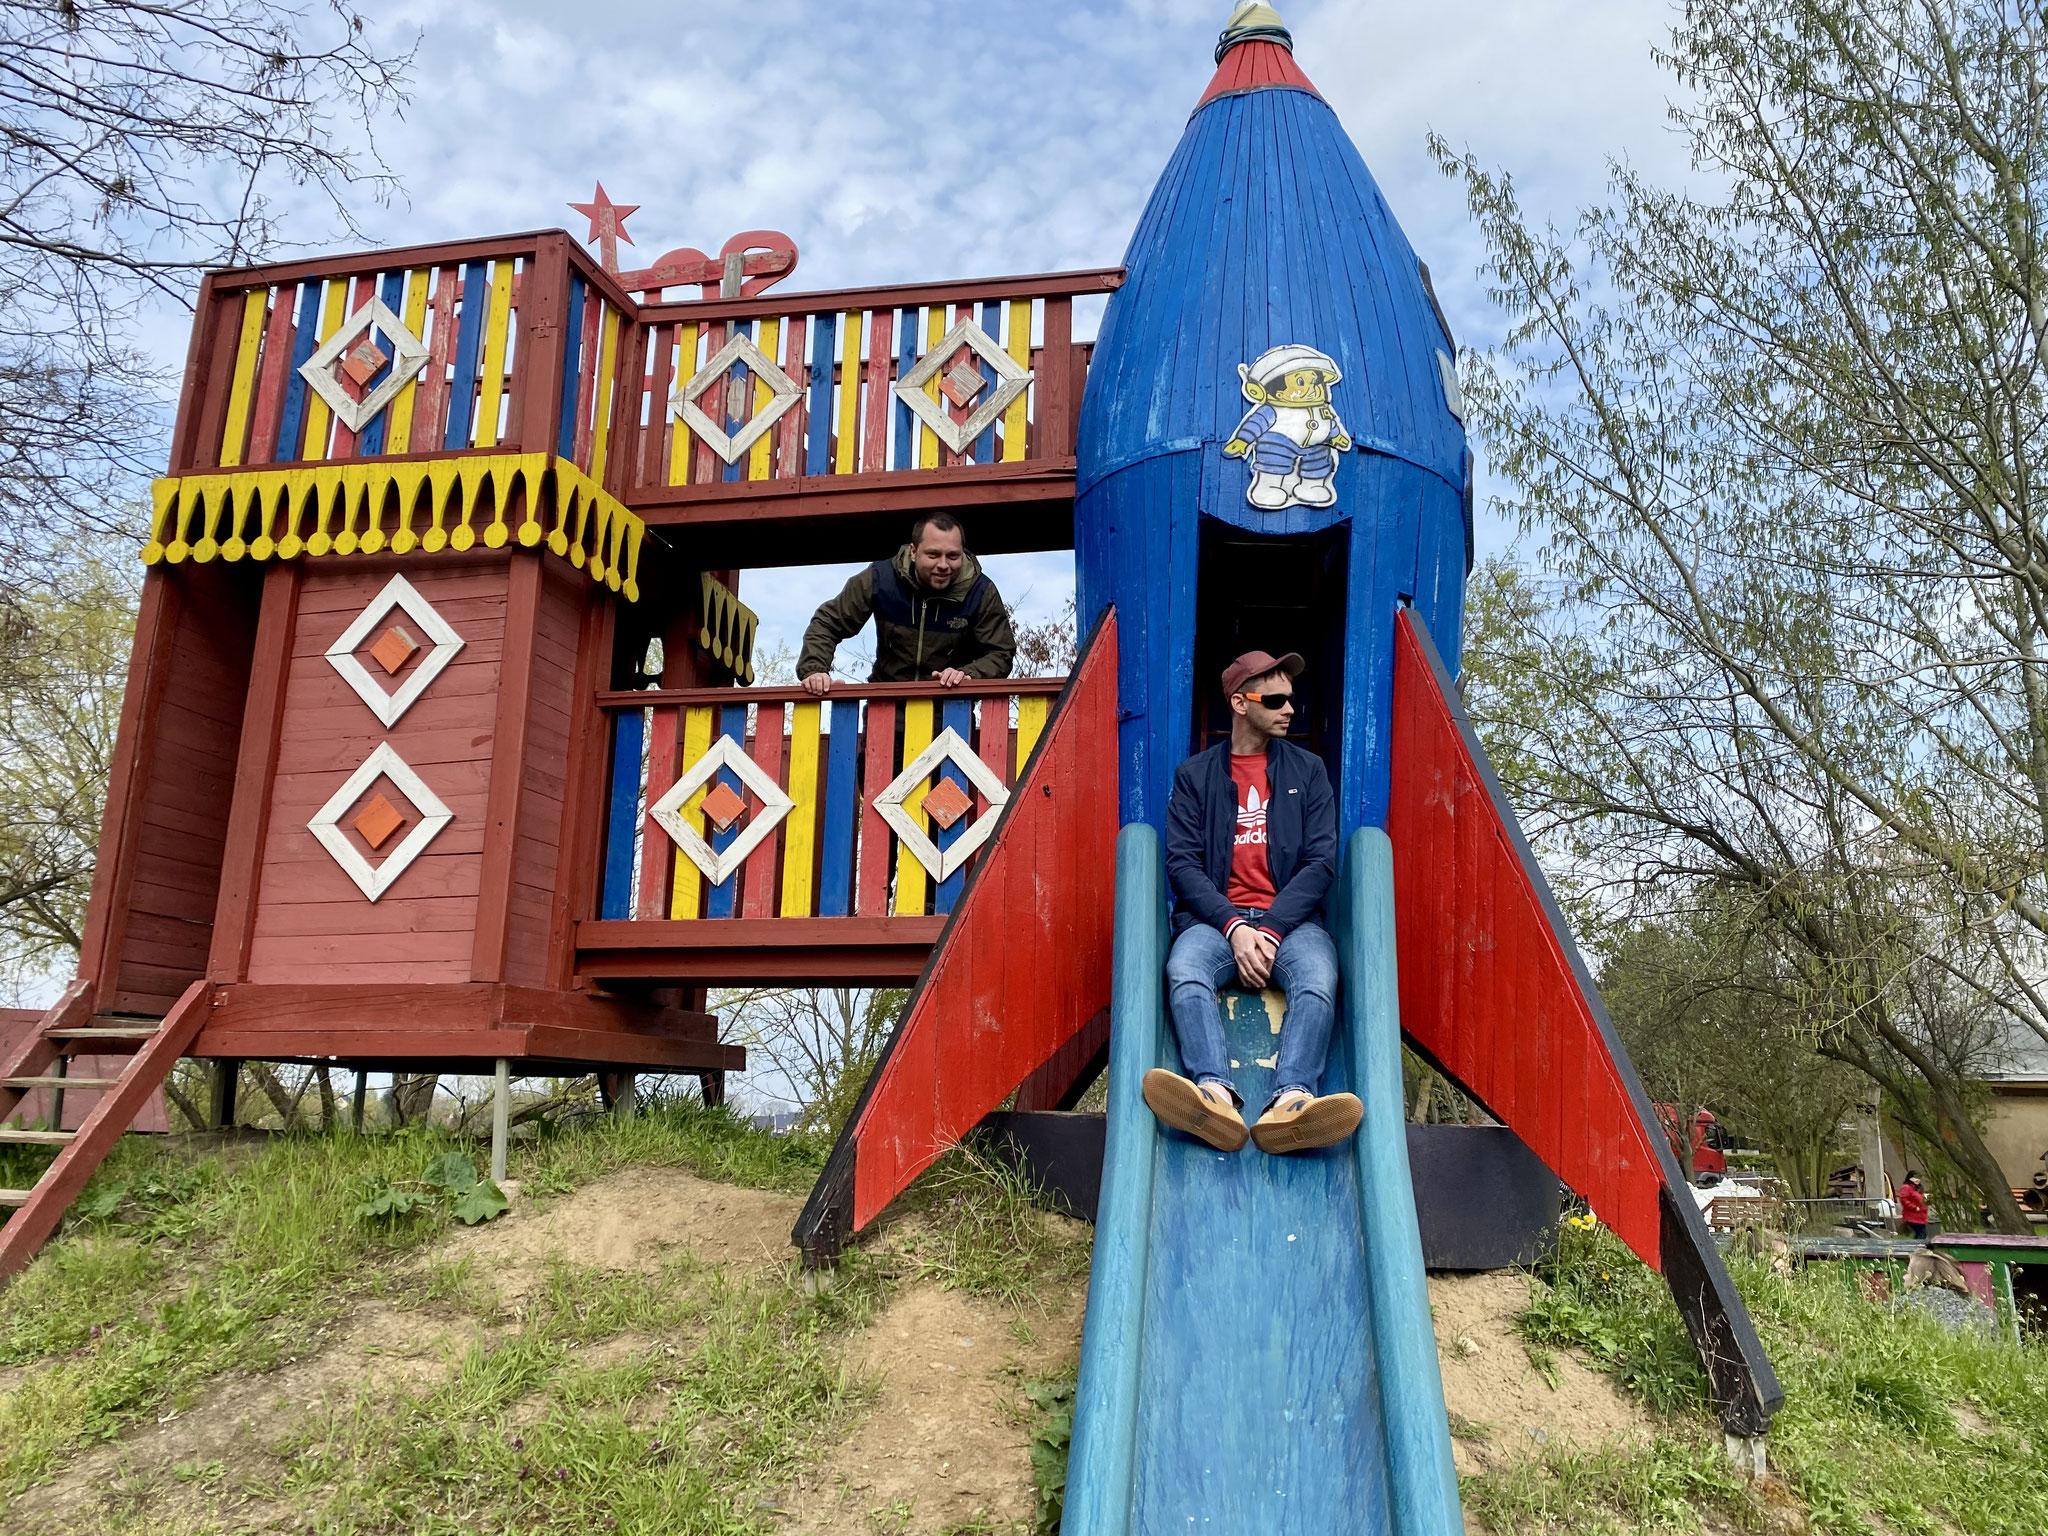 Der Raketenstartplatz gehört zu den Attraktionen auf dem Spielplatz. Auch die Großen finden den ziemlich cool. Hier Thomas Braune und Bjoern Tielebein (beide Linke).